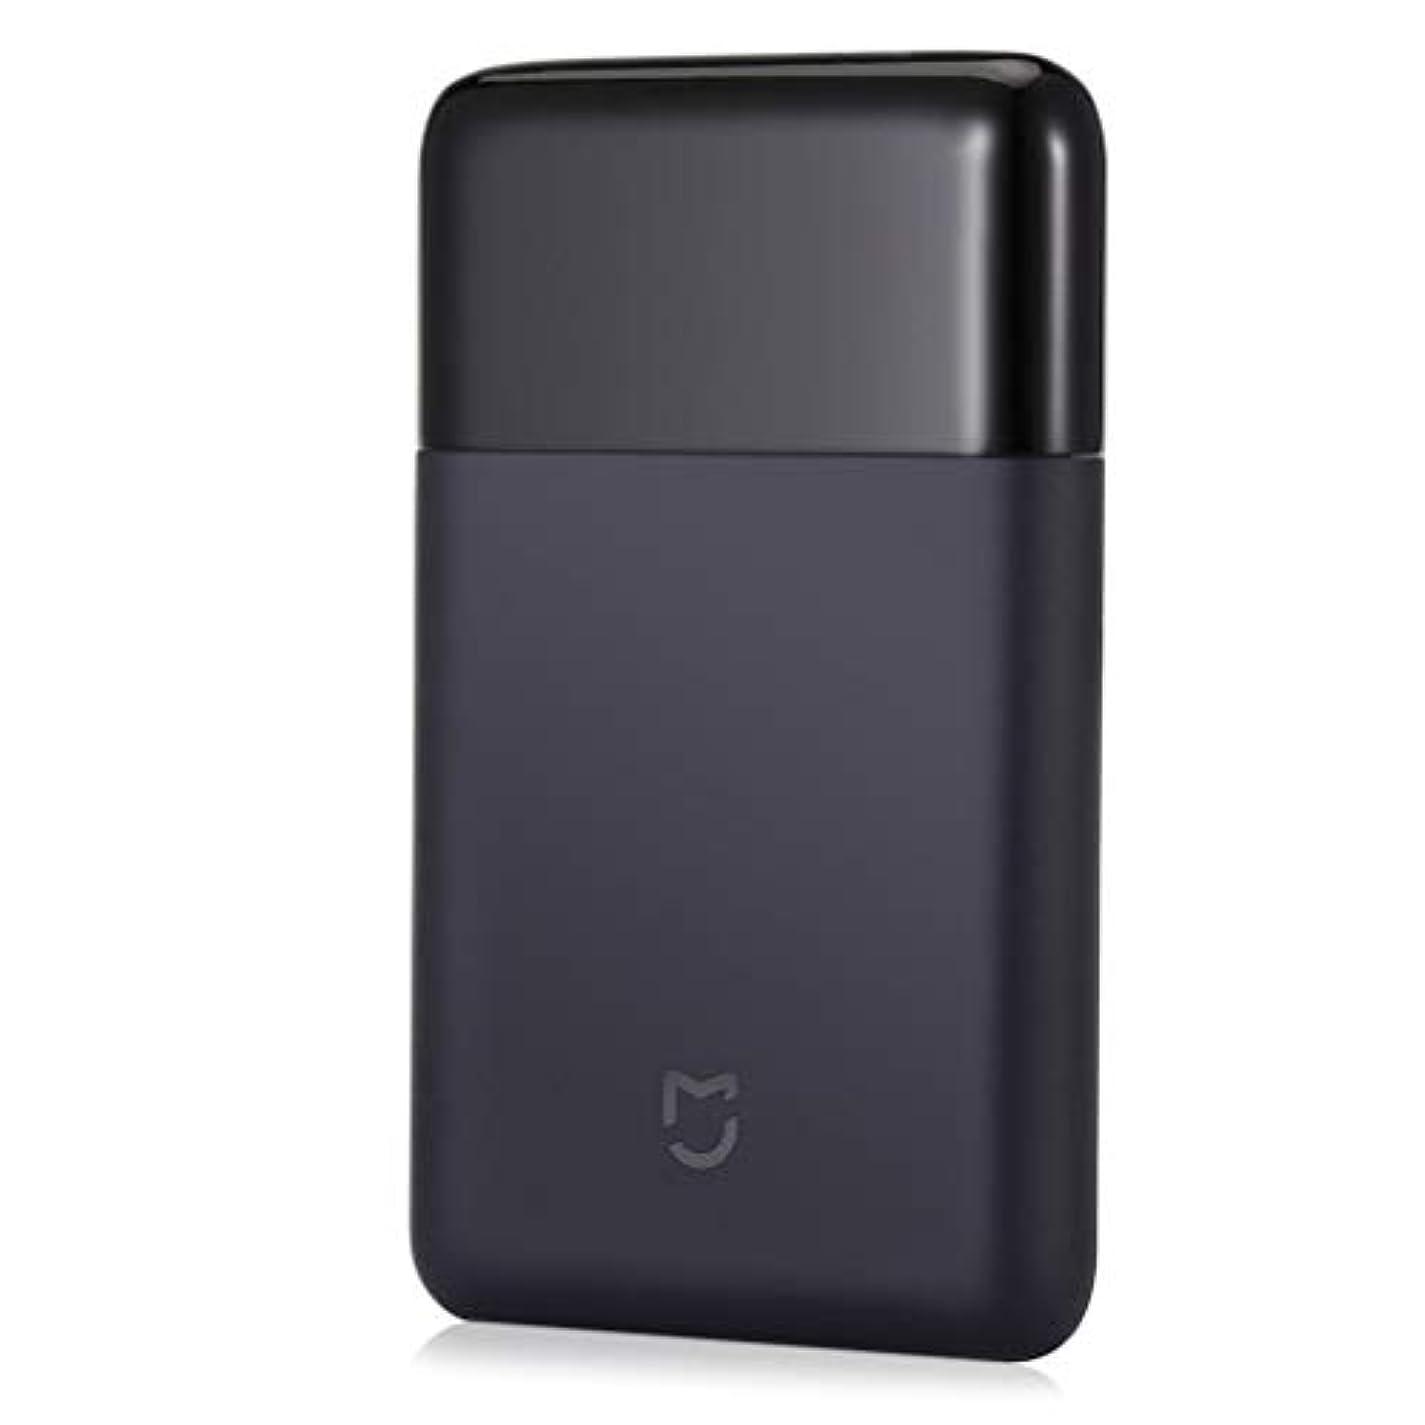 今後ぼかし細菌のための取り外し可能なカミソリカッターを旅行充電式ポータブル電気シェーバーカミソリスチールメンズアウトドア